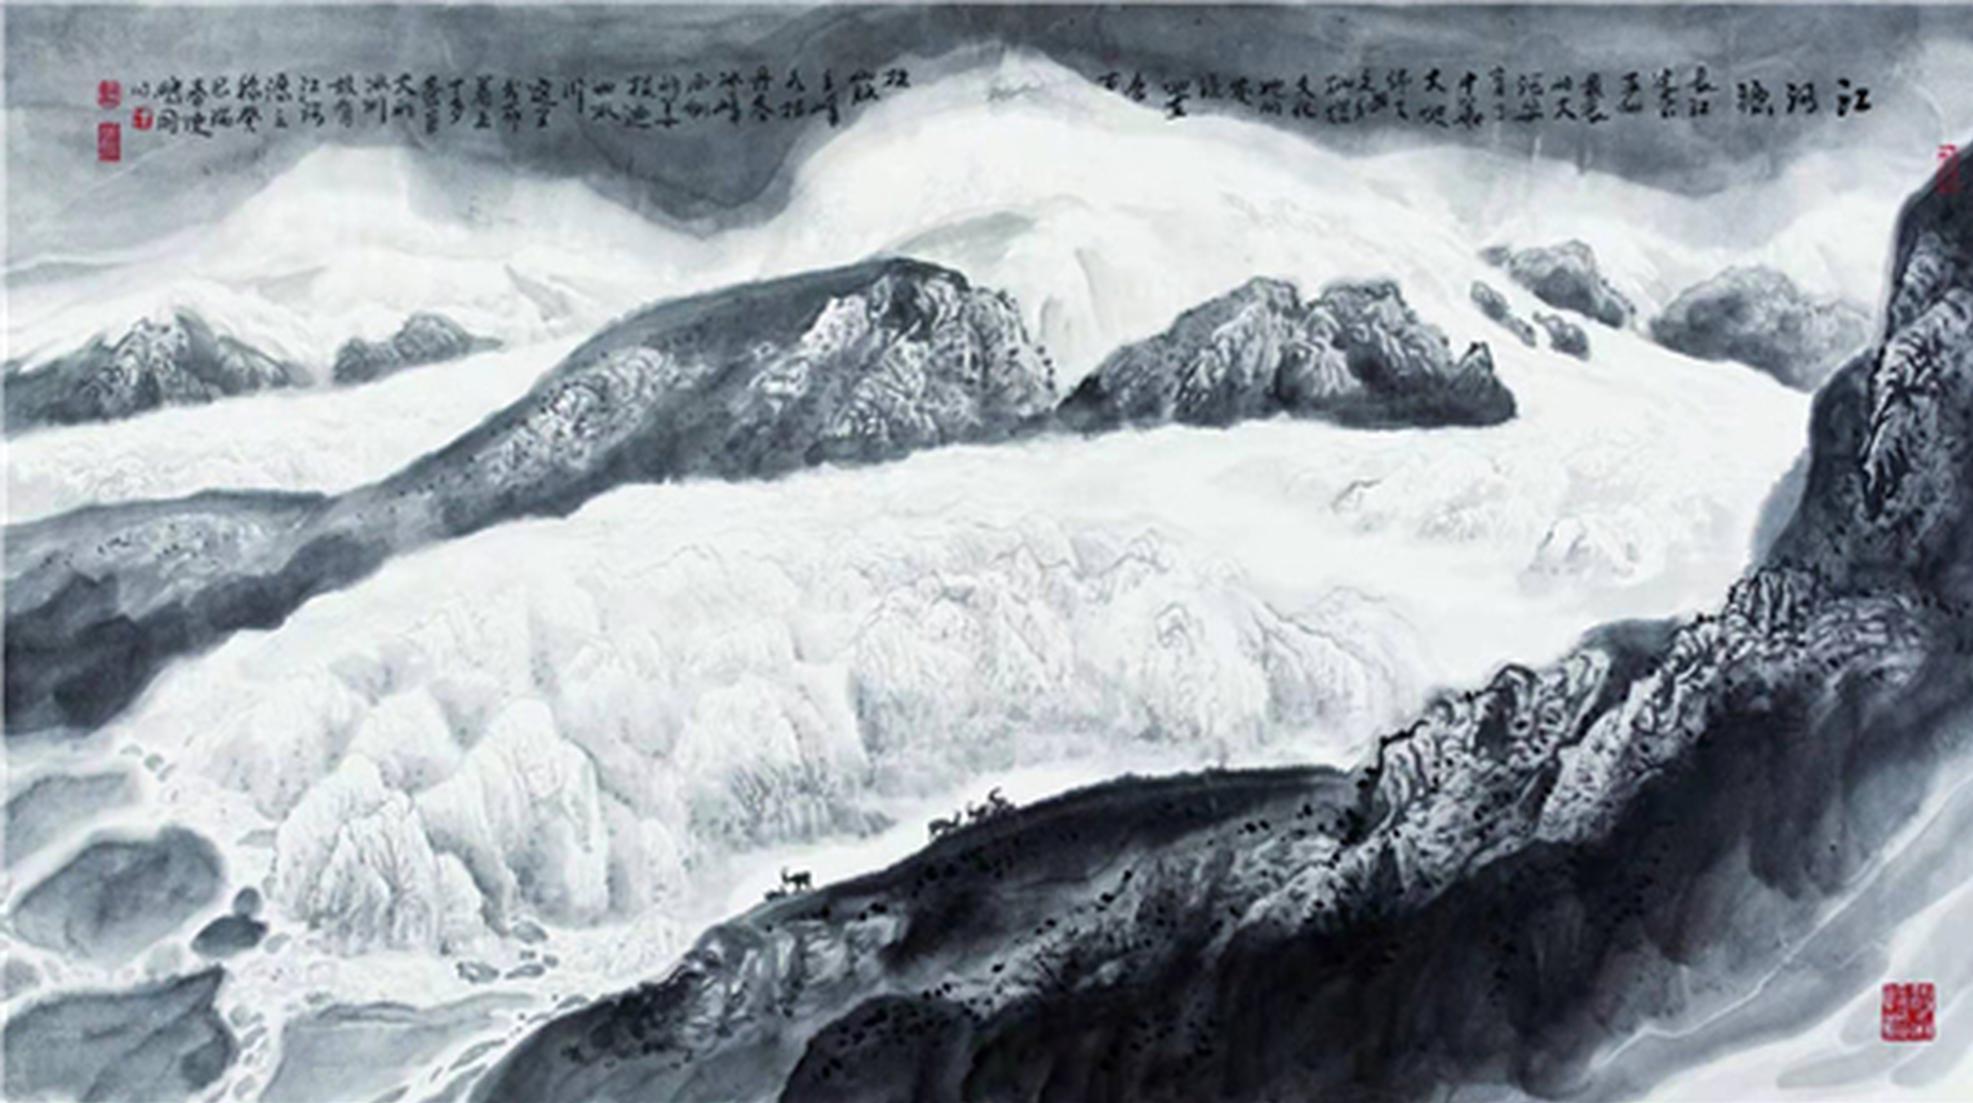 翰墨丹青:品读当代山水画名家陈鹏同绘画艺术